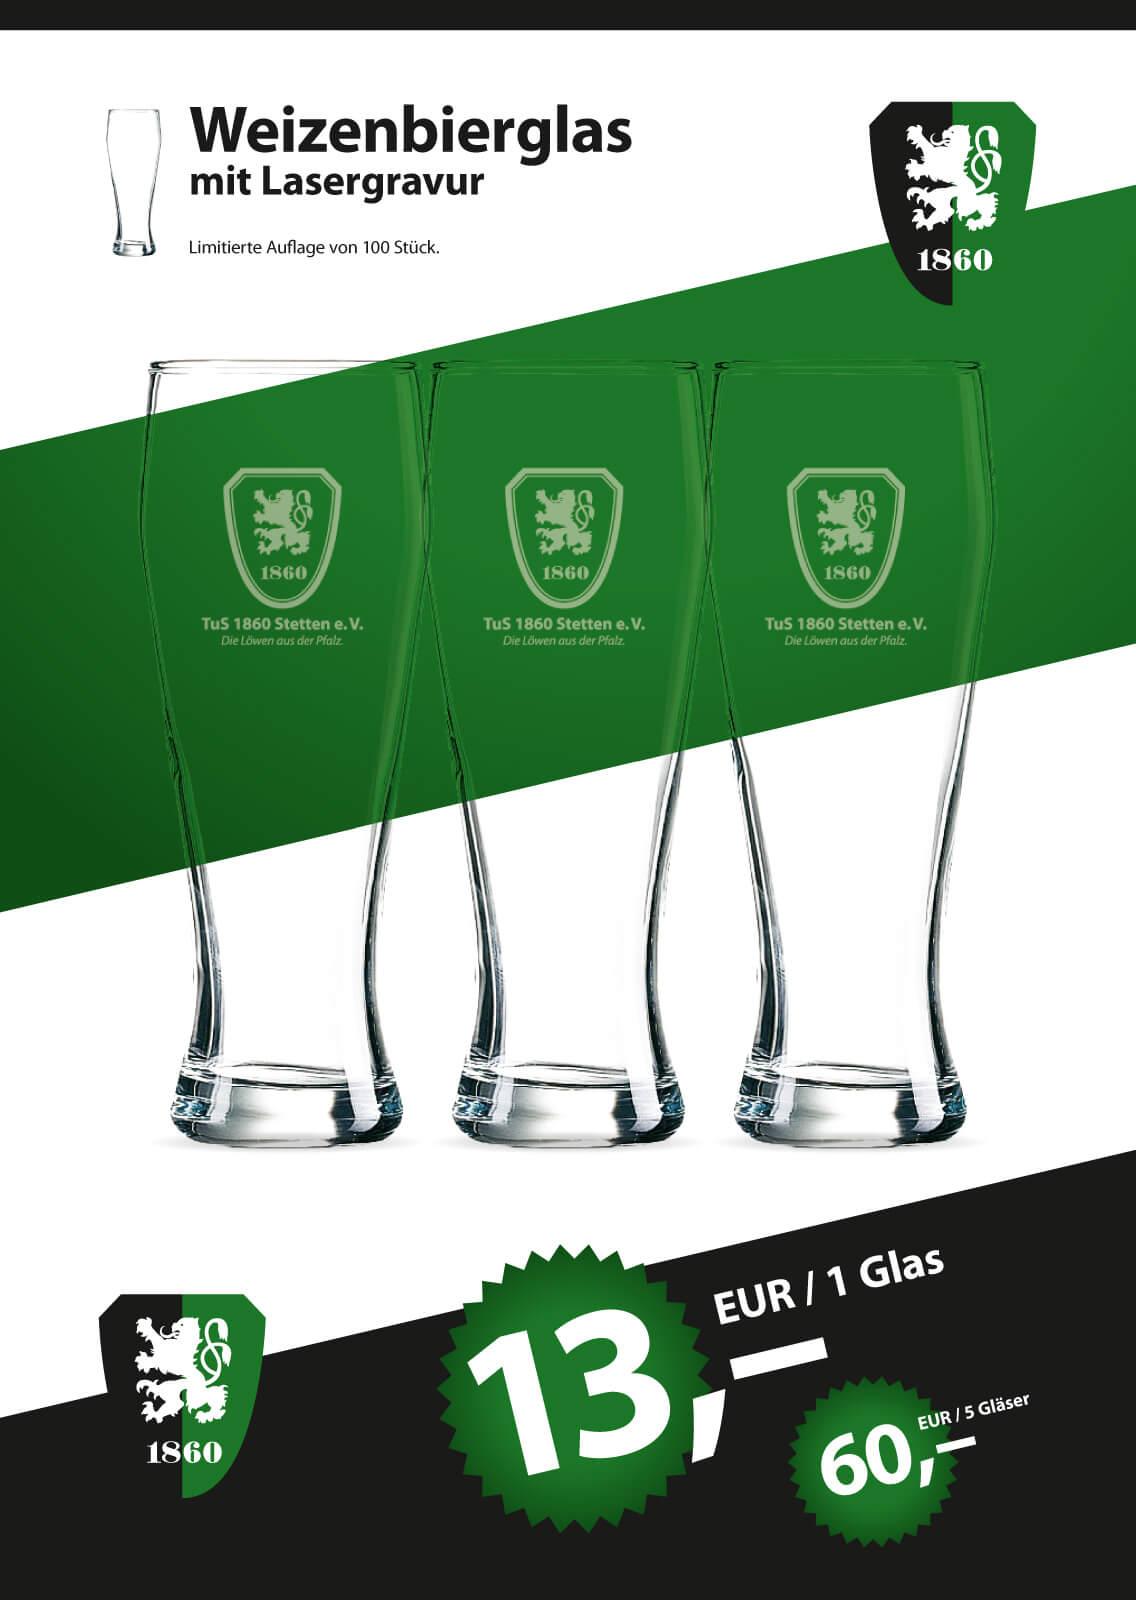 Weißbierglas mit Lasergravur Vereinswappen